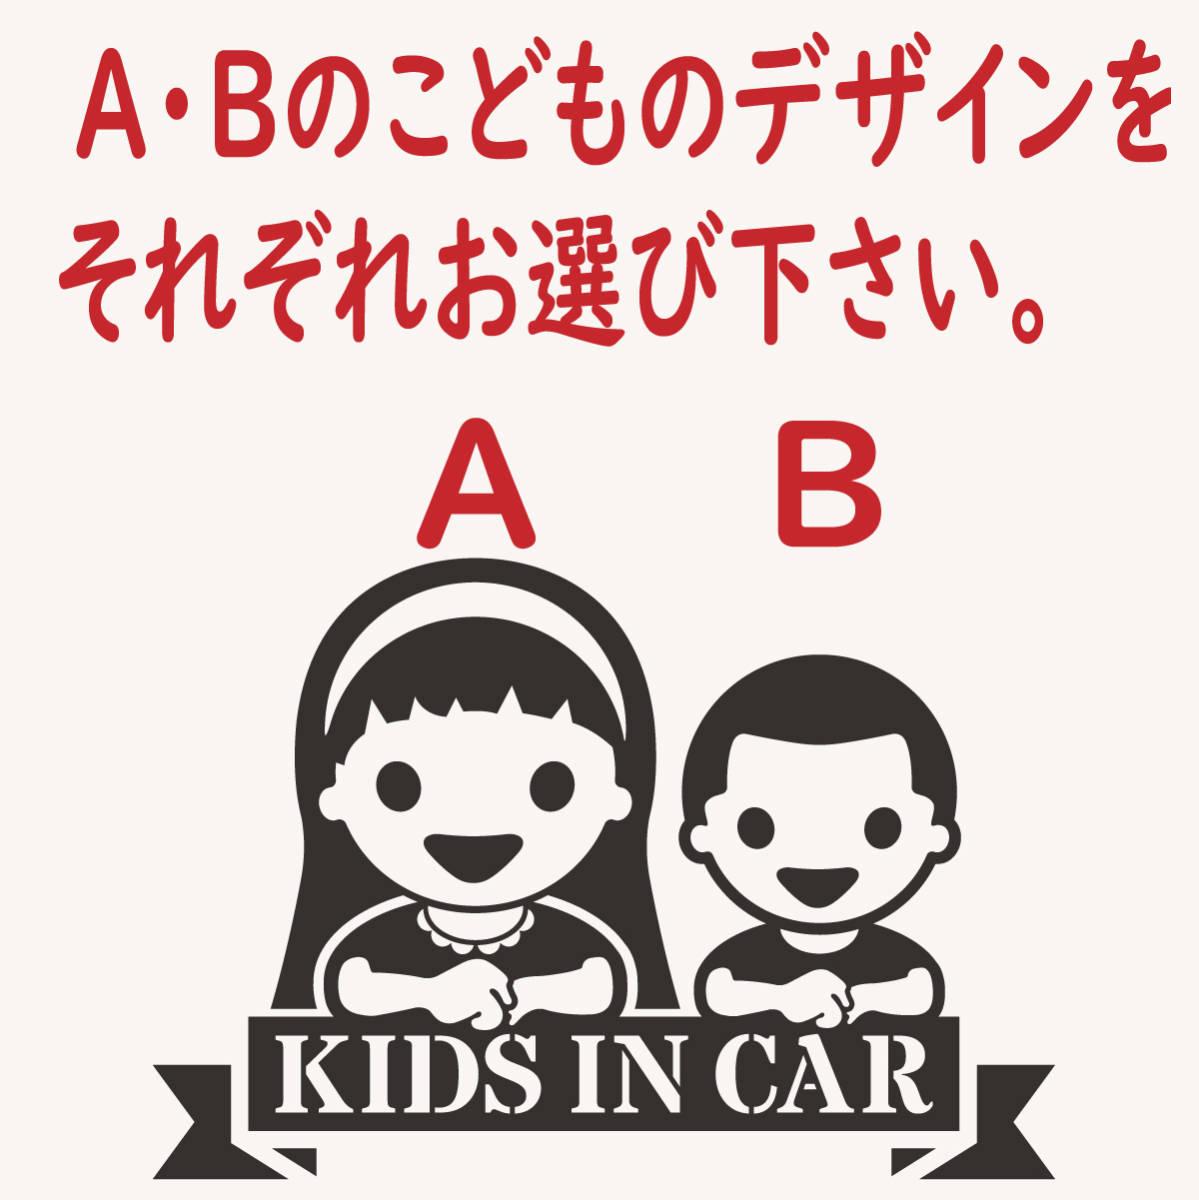 ●キッズインカー ベビーインカー ステッカー 兄弟 姉妹 選べる子どもイラスト12種類・色10種類 242_画像2